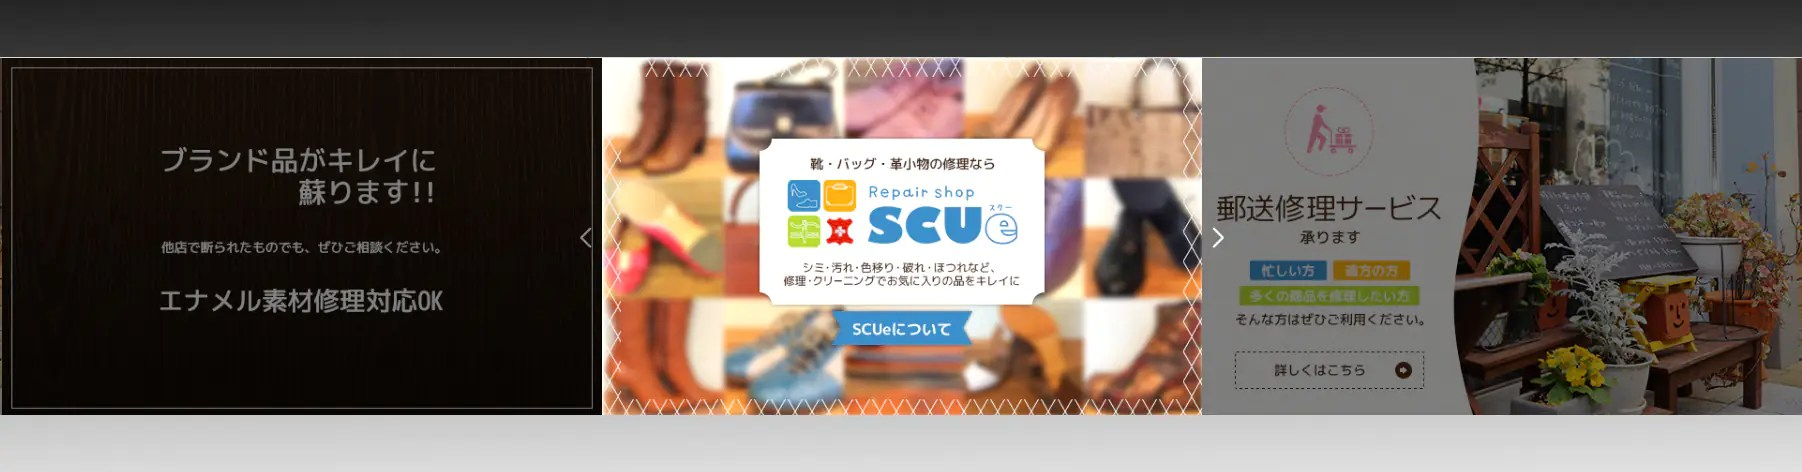 scue_top